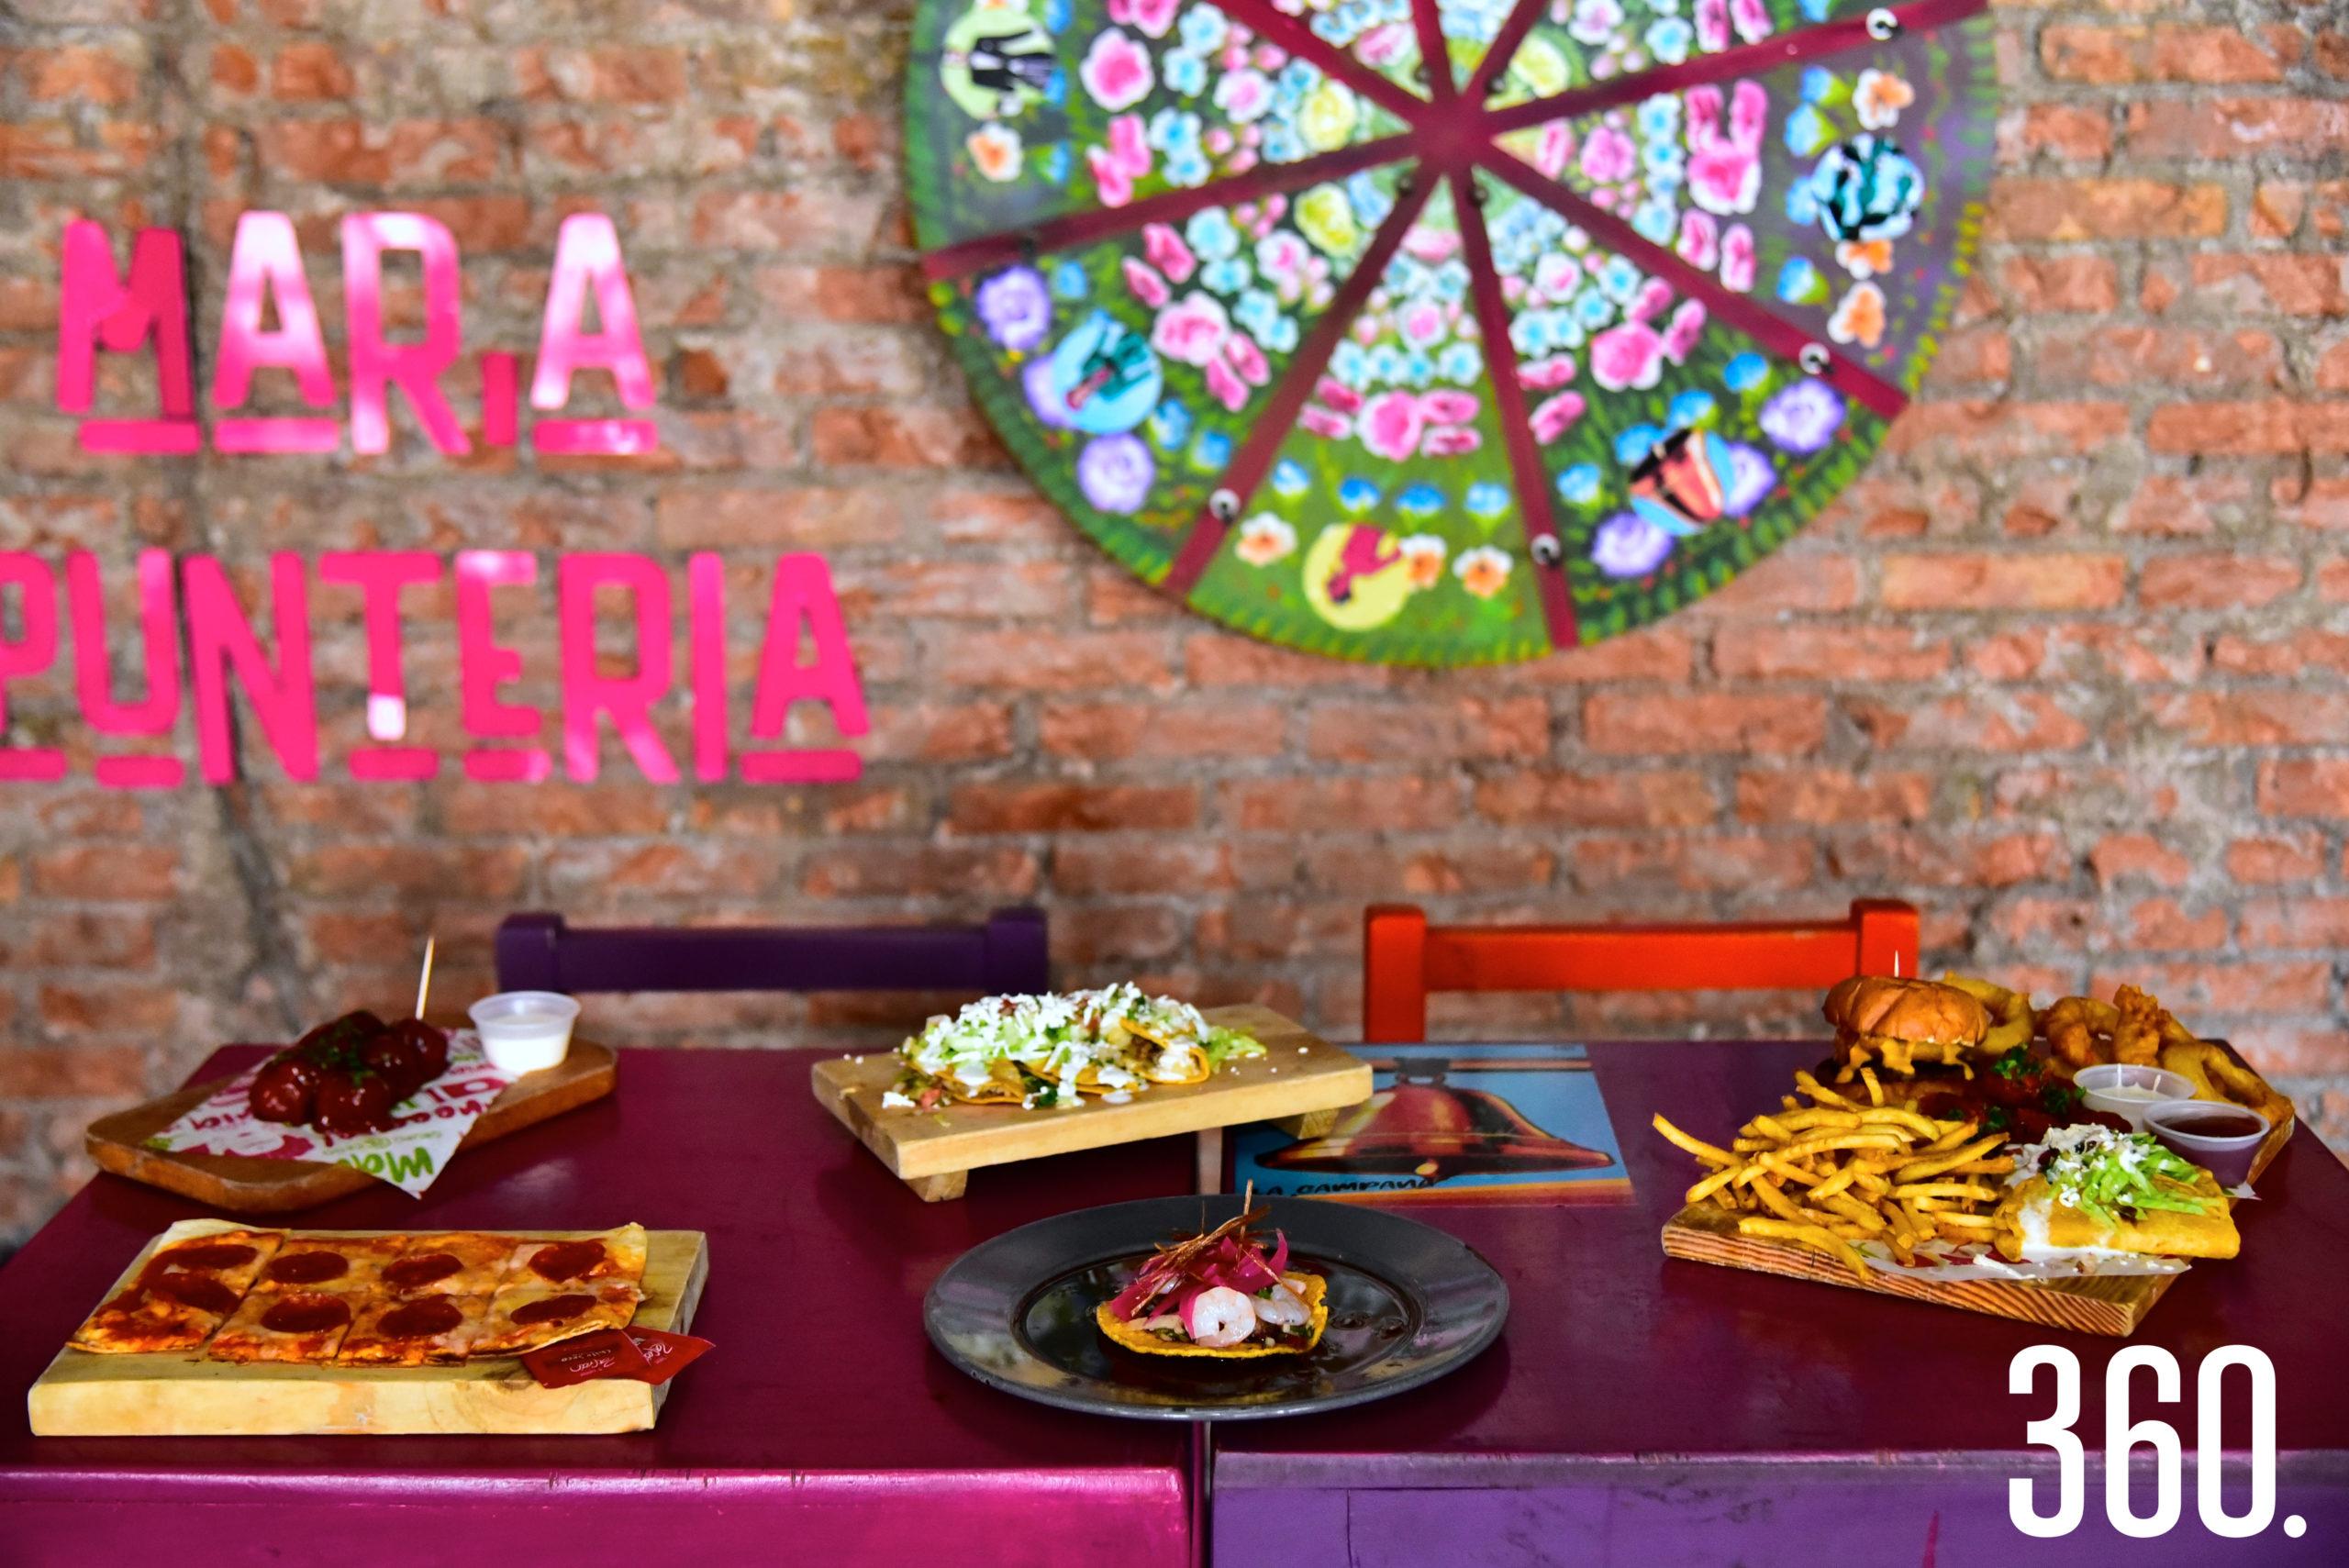 Ofrecen desde platillos tradicionales mexicanos hasta clásicos como pizzas y hamburguesas